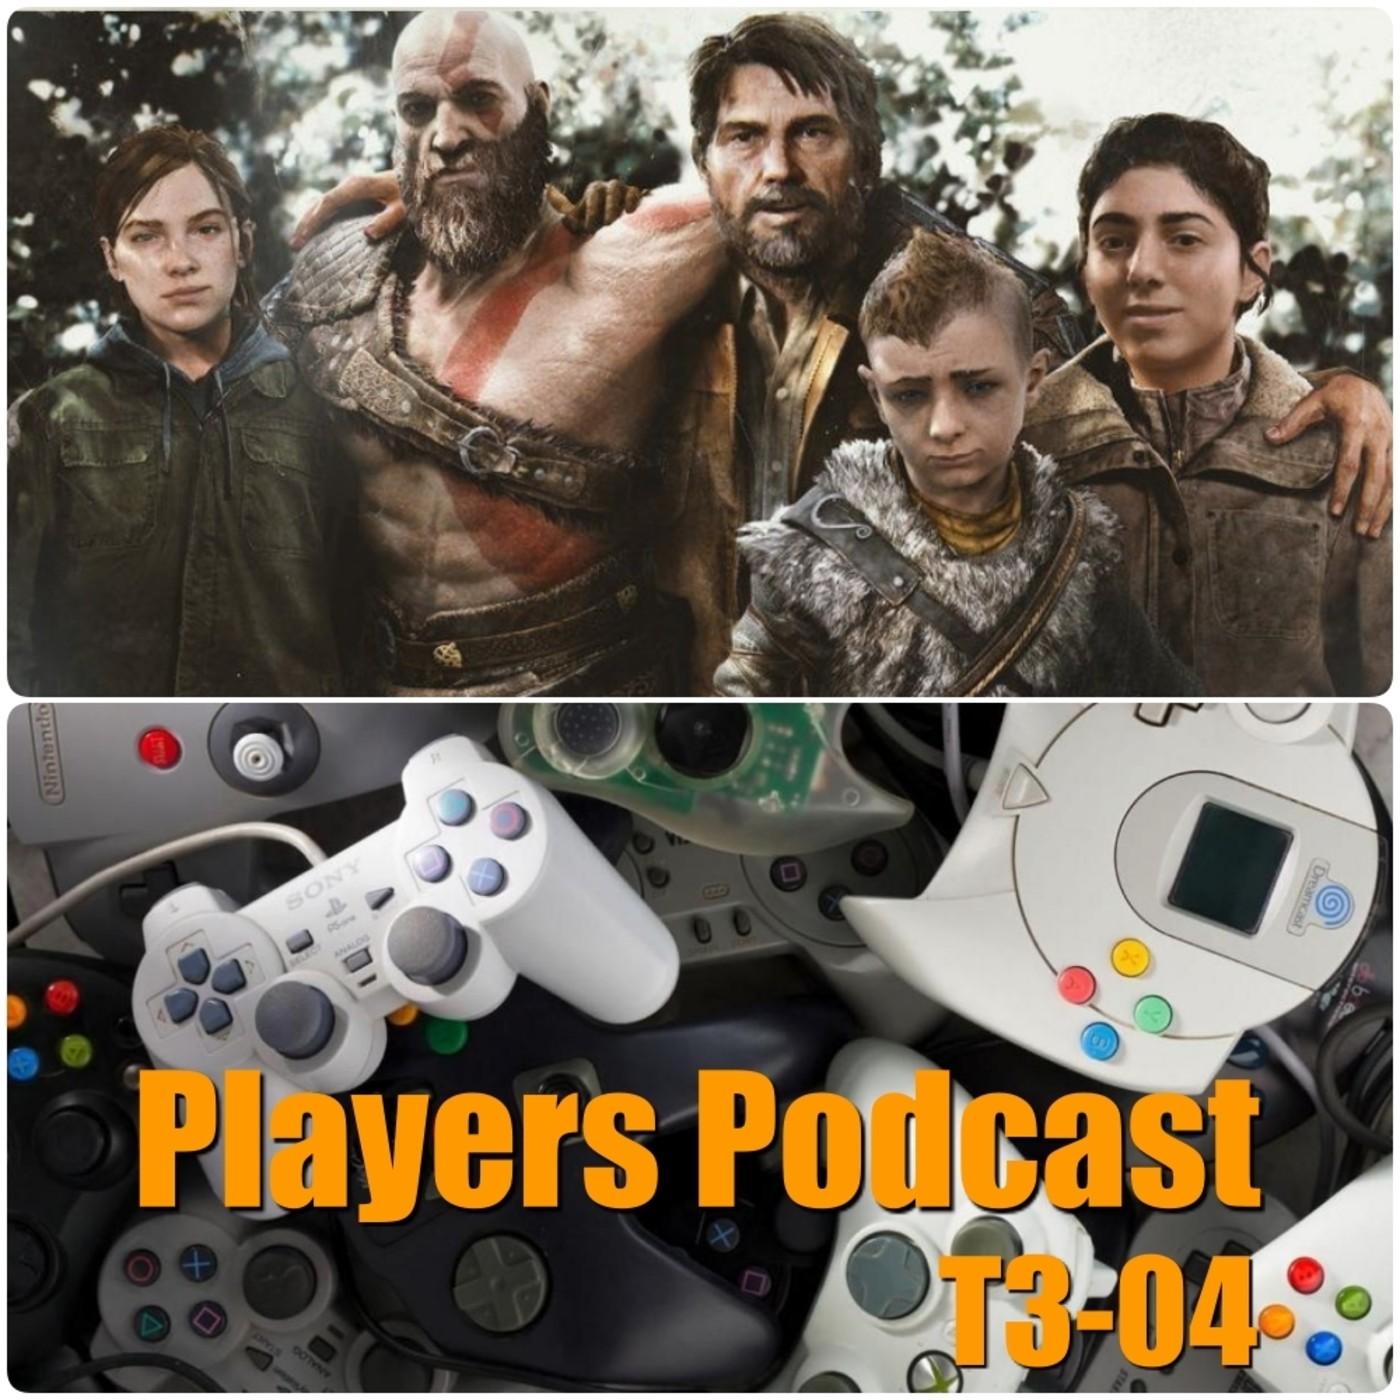 Players Podcast 3x04. Lo que importa son los videojuegos. Especial: Nuestras primeras consolas.